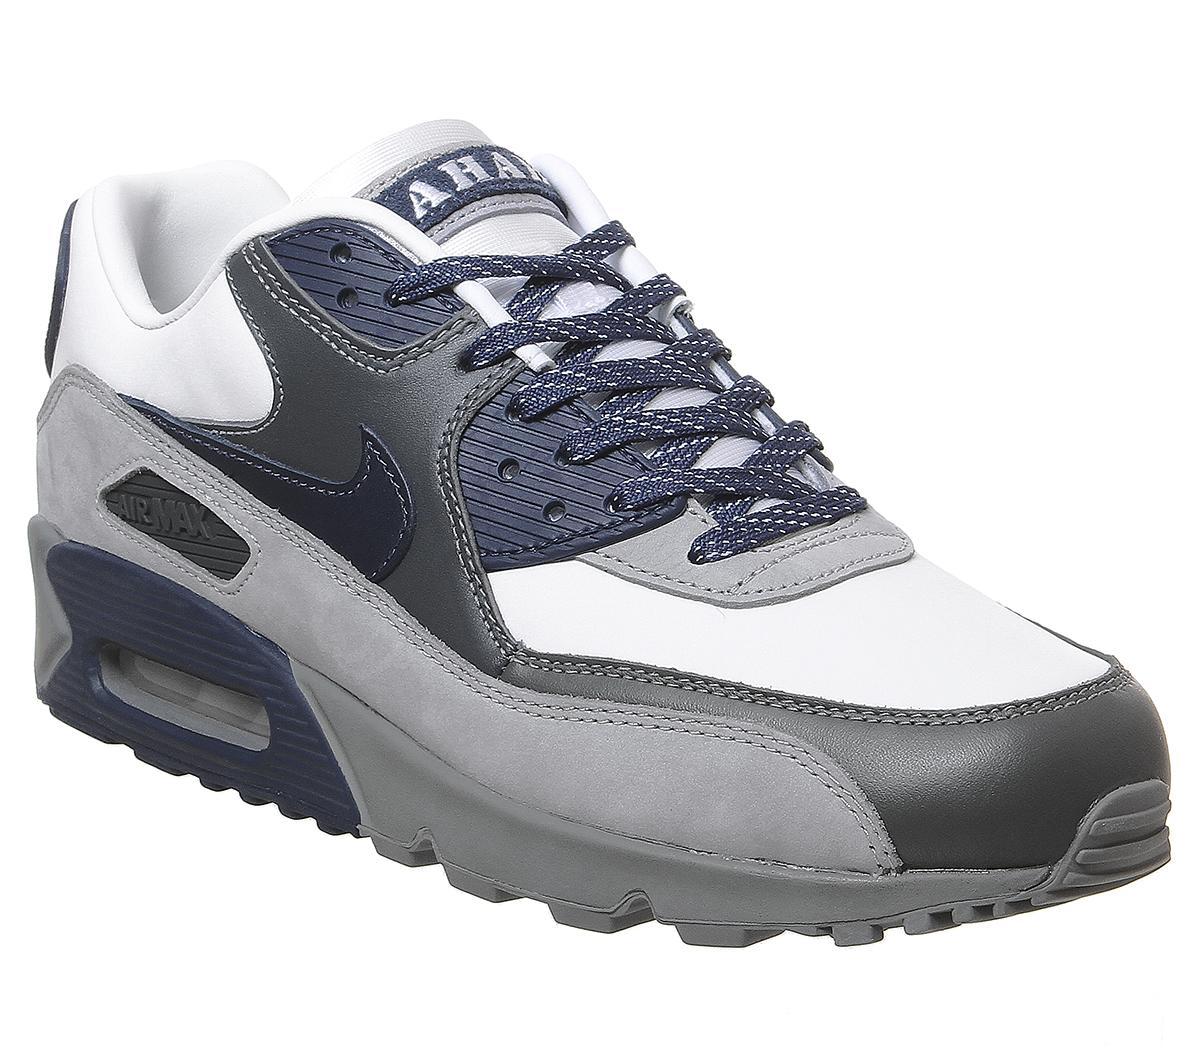 Nike Air Max 90 Trainers White Neutral